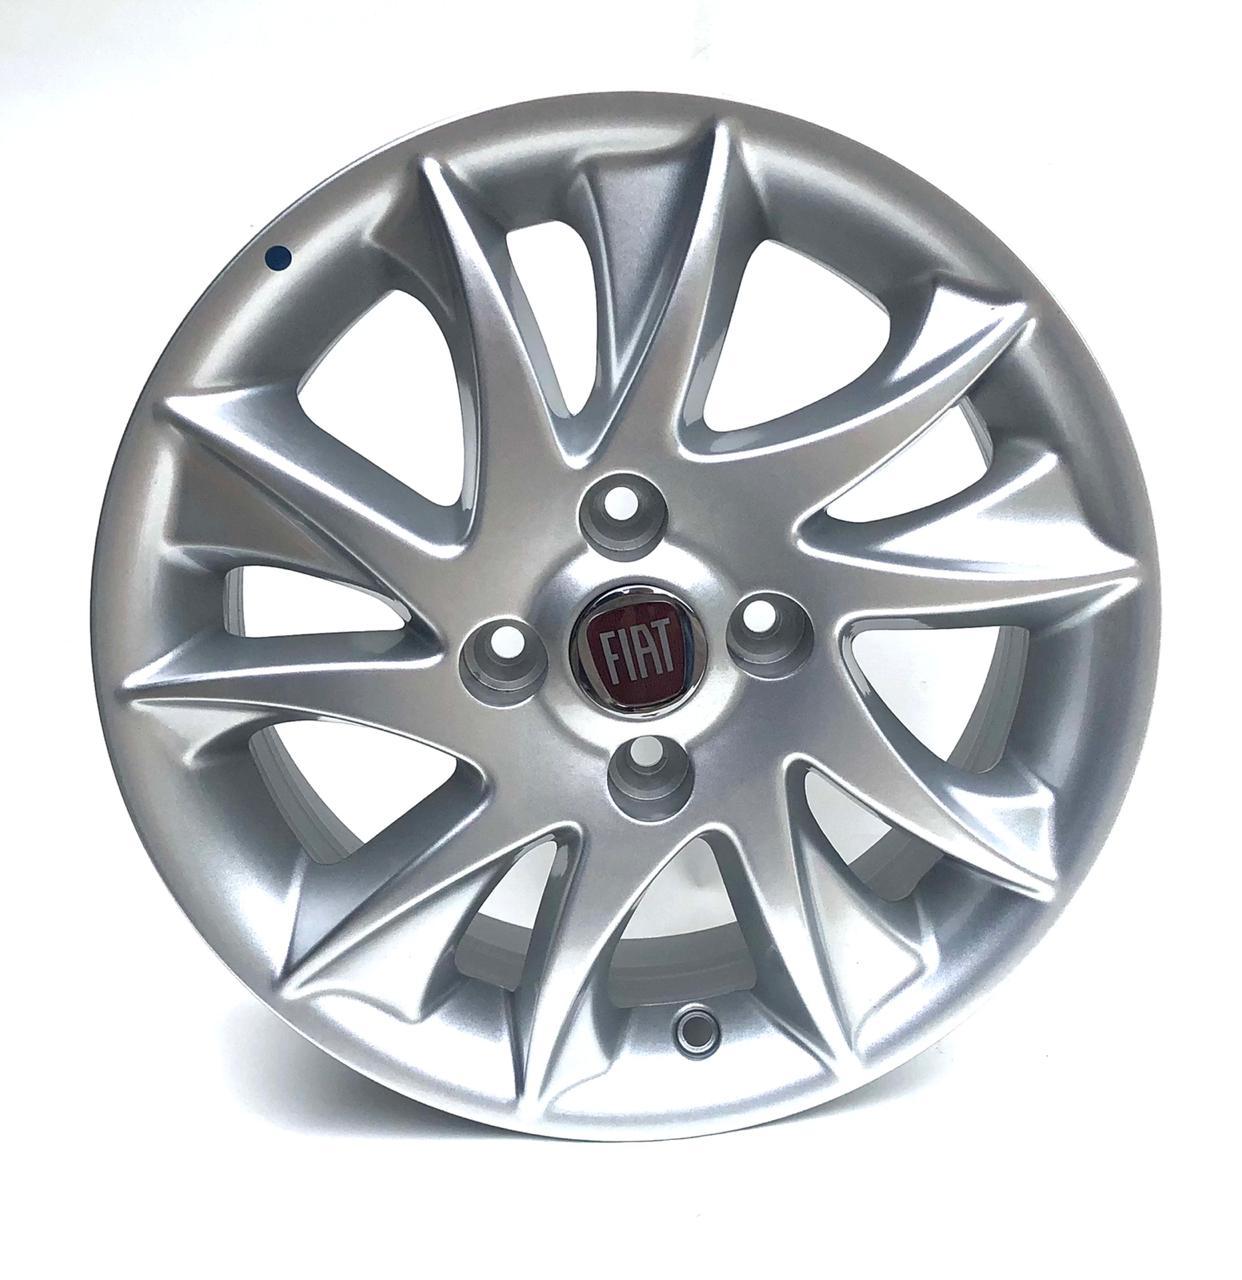 Kit 4 Rodas Aro 14x5,5 Fiat Novo Palio 4x98 Prata Original 100196601